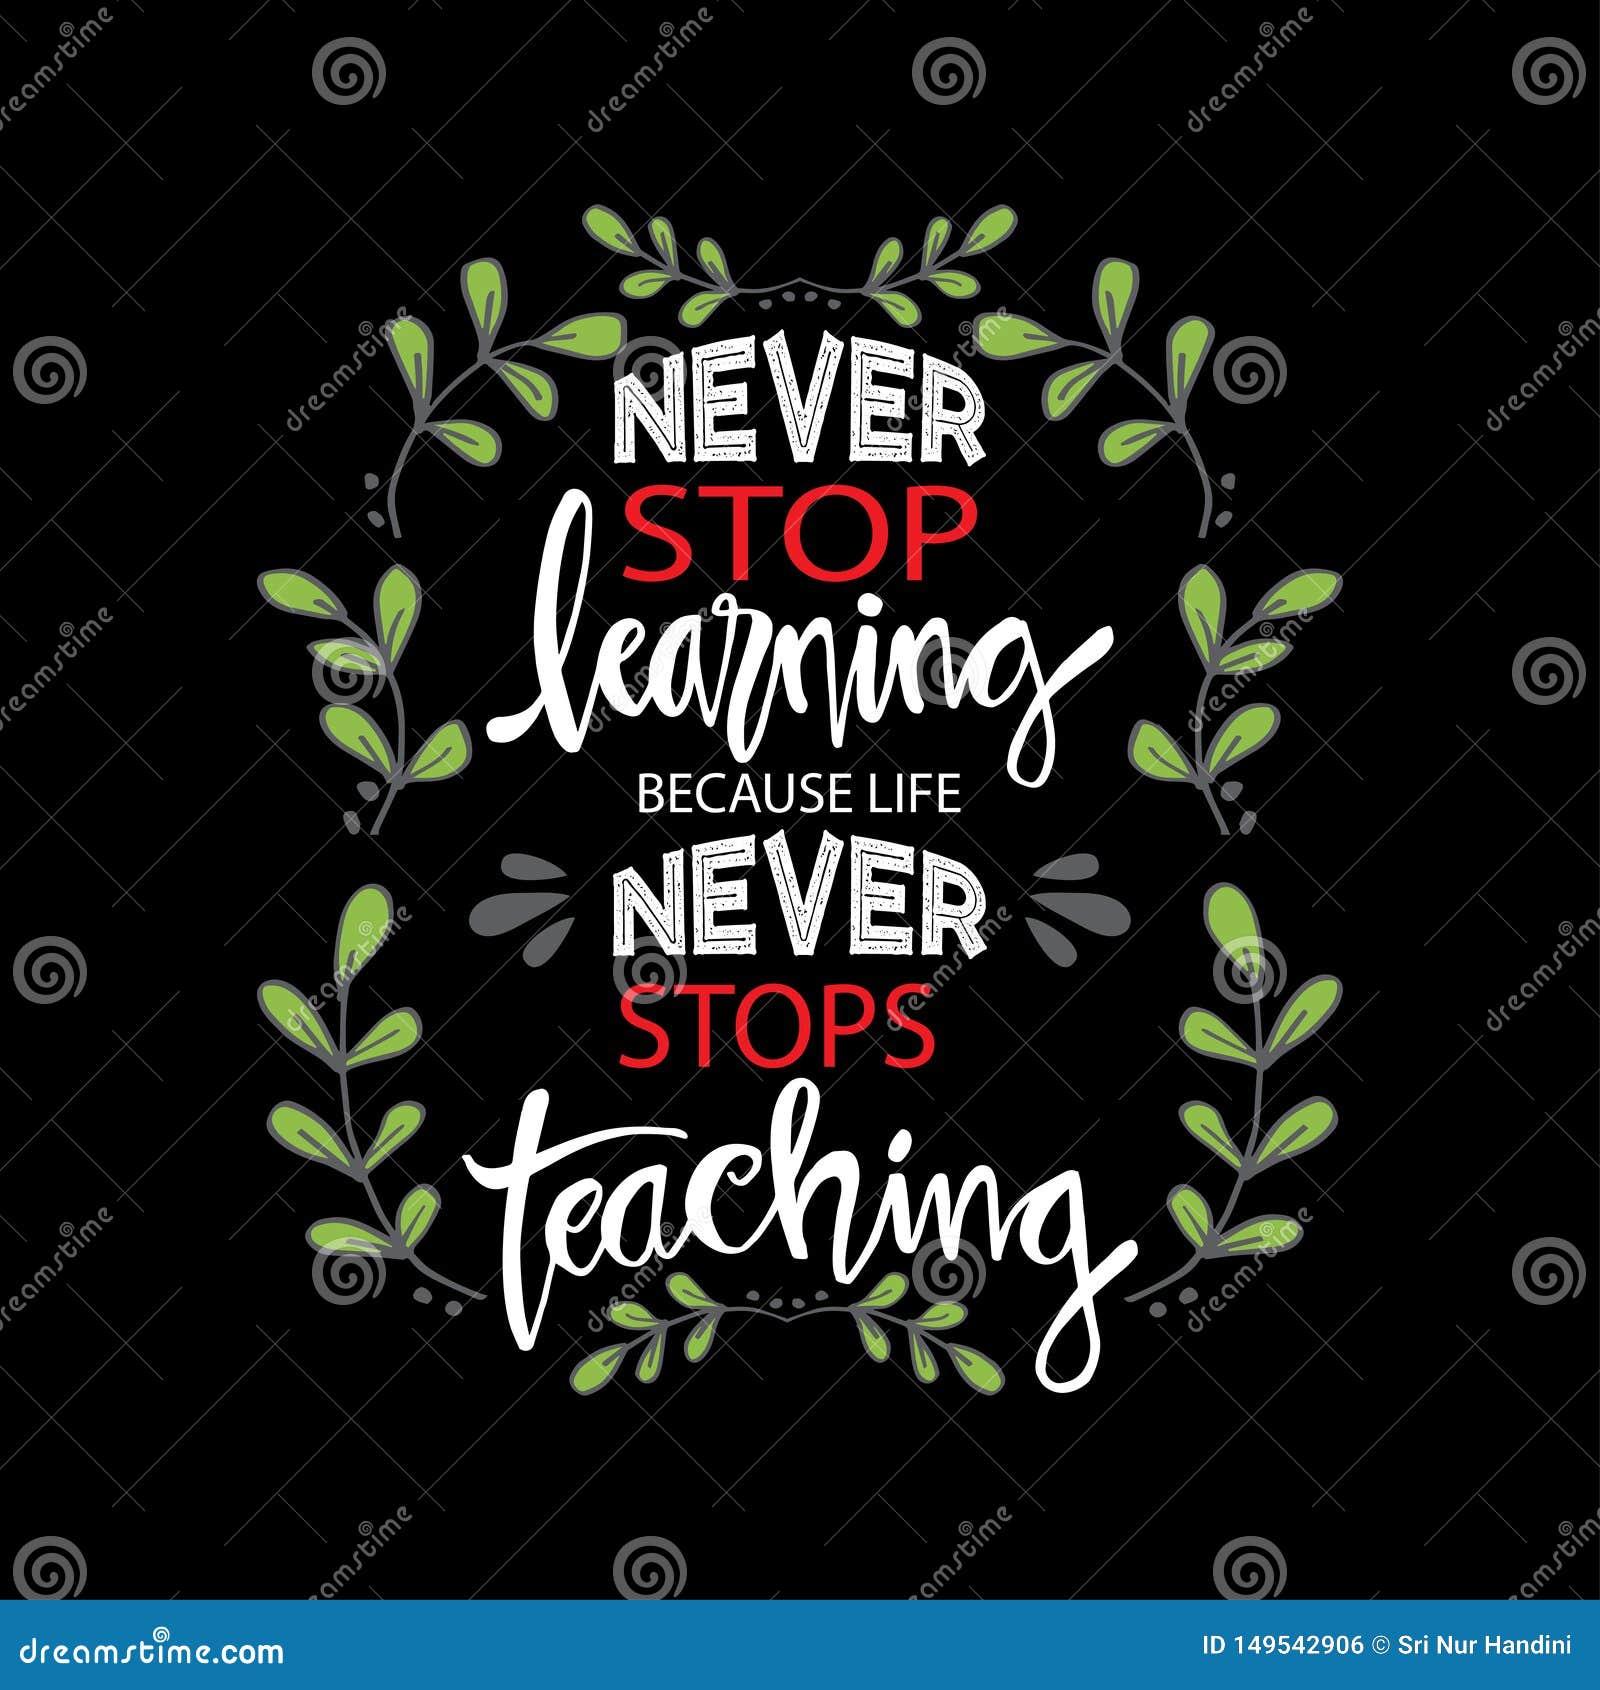 Μην σταματήστε ποτέ, επειδή η ζωή δεν σταματά ποτέ